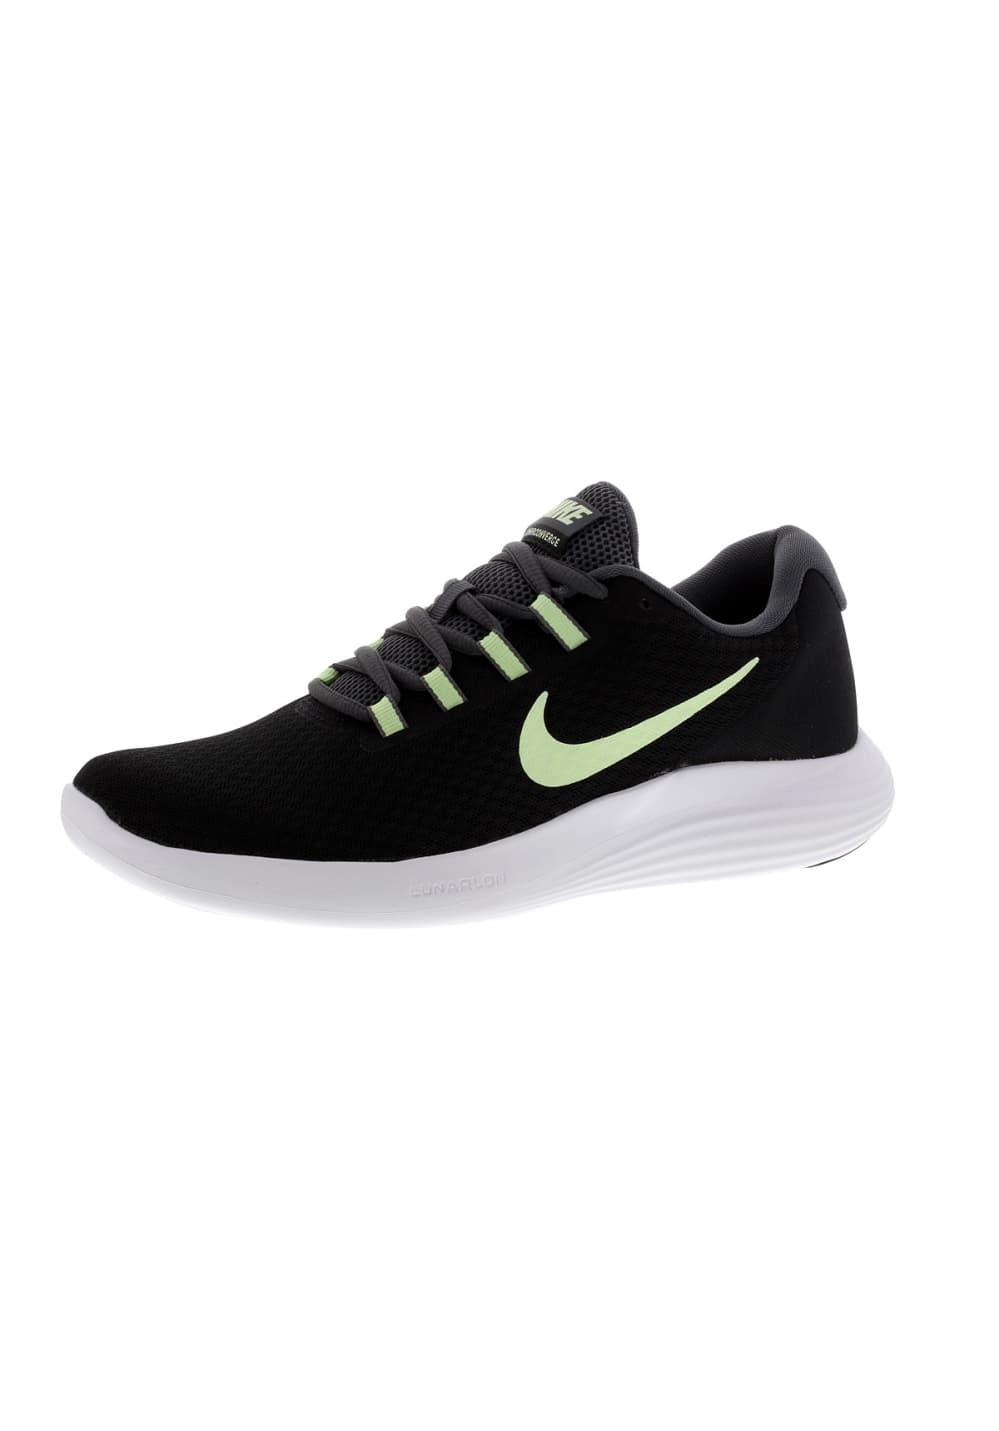 Nike LunarConverge Laufschuhe für Damen Schwarz